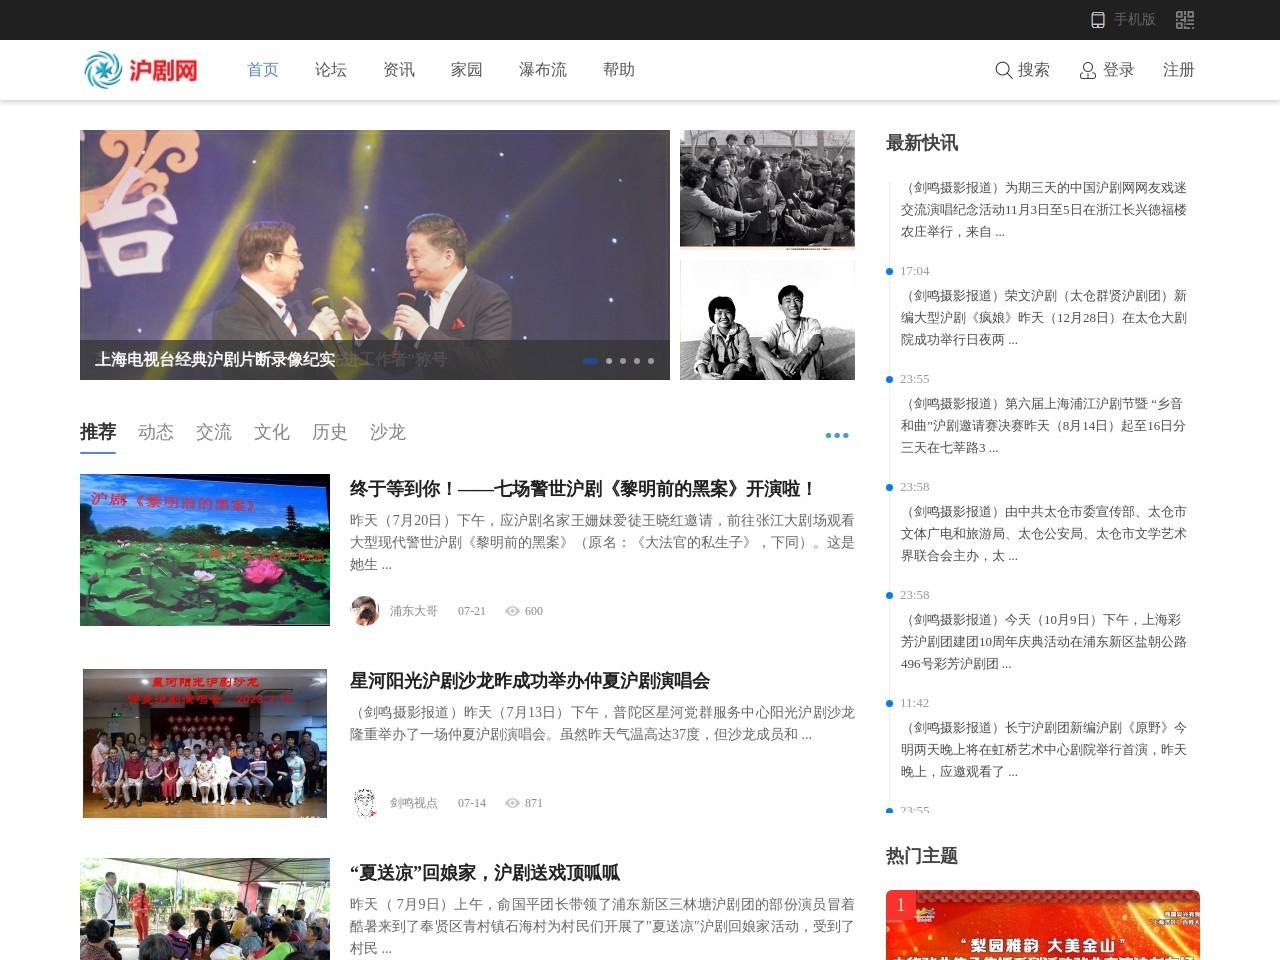 中国沪剧网_沪剧_申曲_沪剧视频